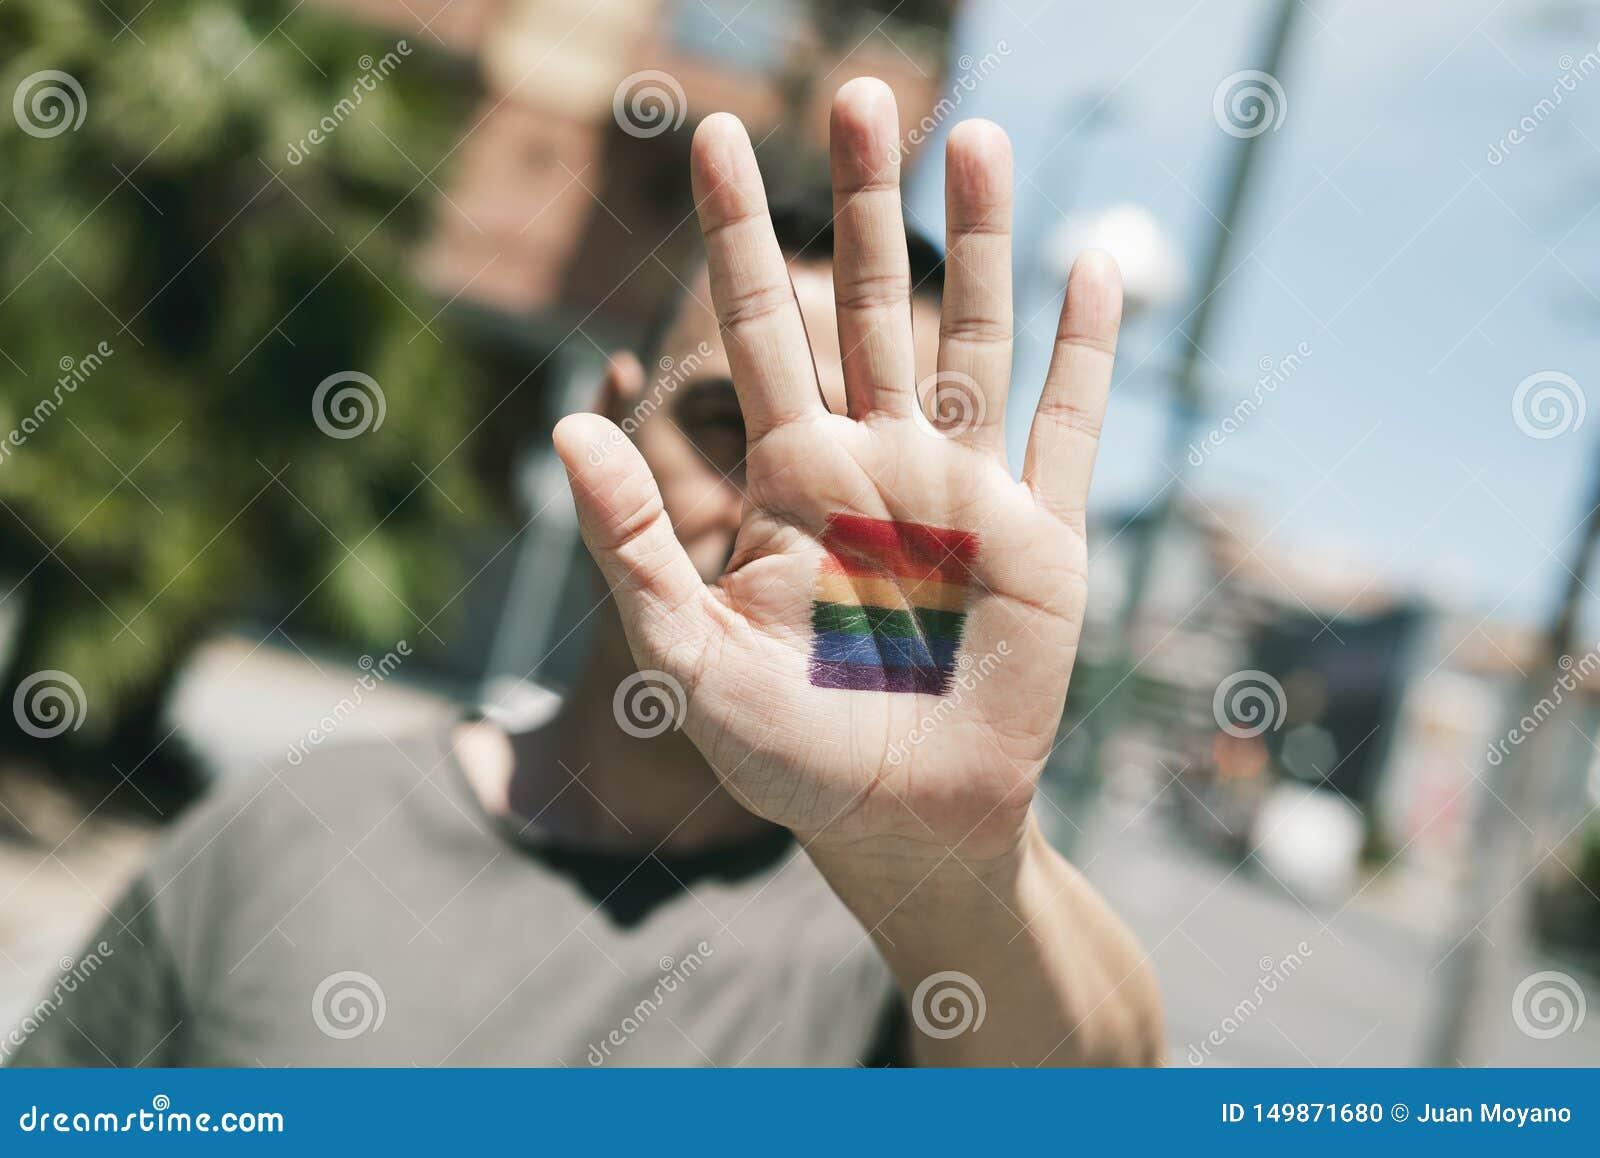 Persoon met een regenboogvlag in zijn of haar hand